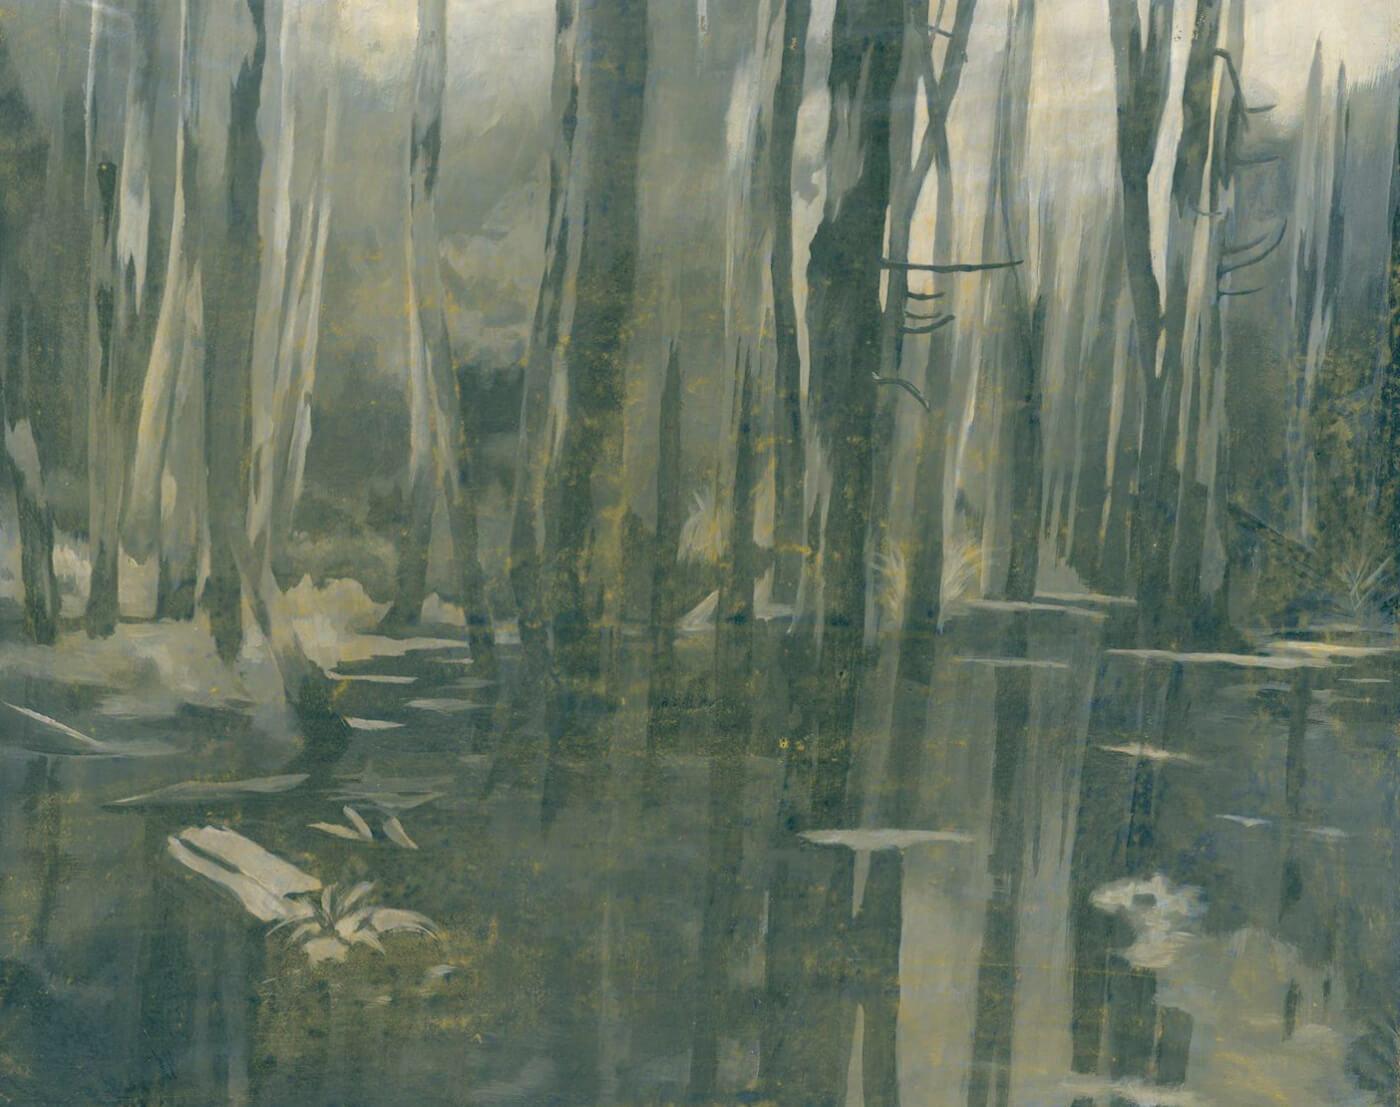 Bäume im Wasser, Spiegelung, Untermalung